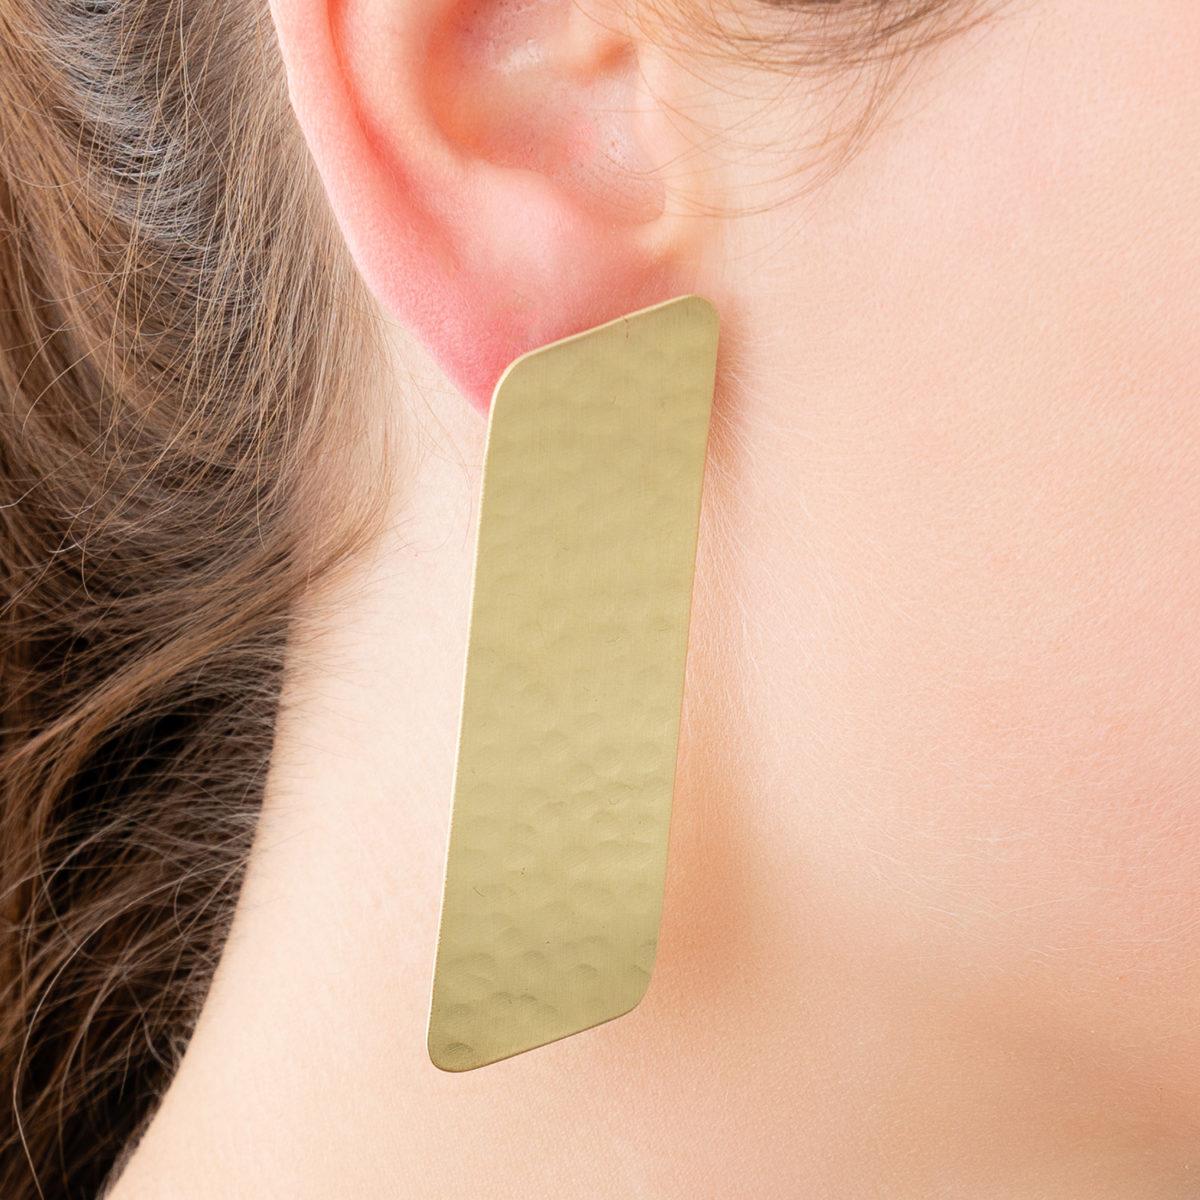 Simple-Rectangle-Ohrring-gold-gehaemmert-Detailbild-Model